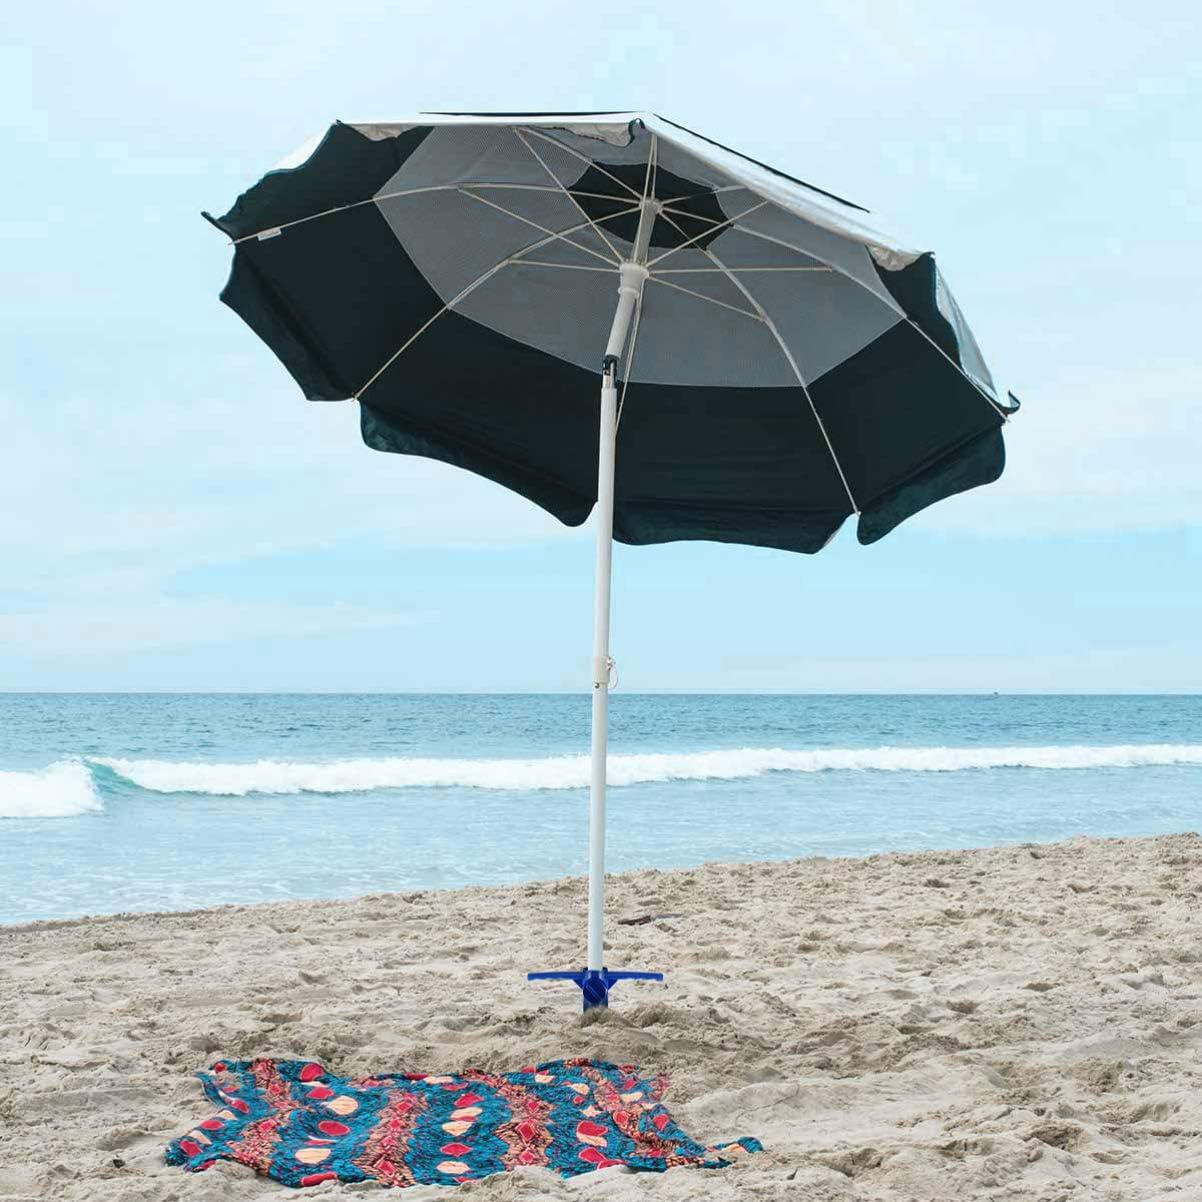 con ancoraggio regolabile 2 pezzi Yardwe colore: blu Supporto per ombrellone da spiaggia